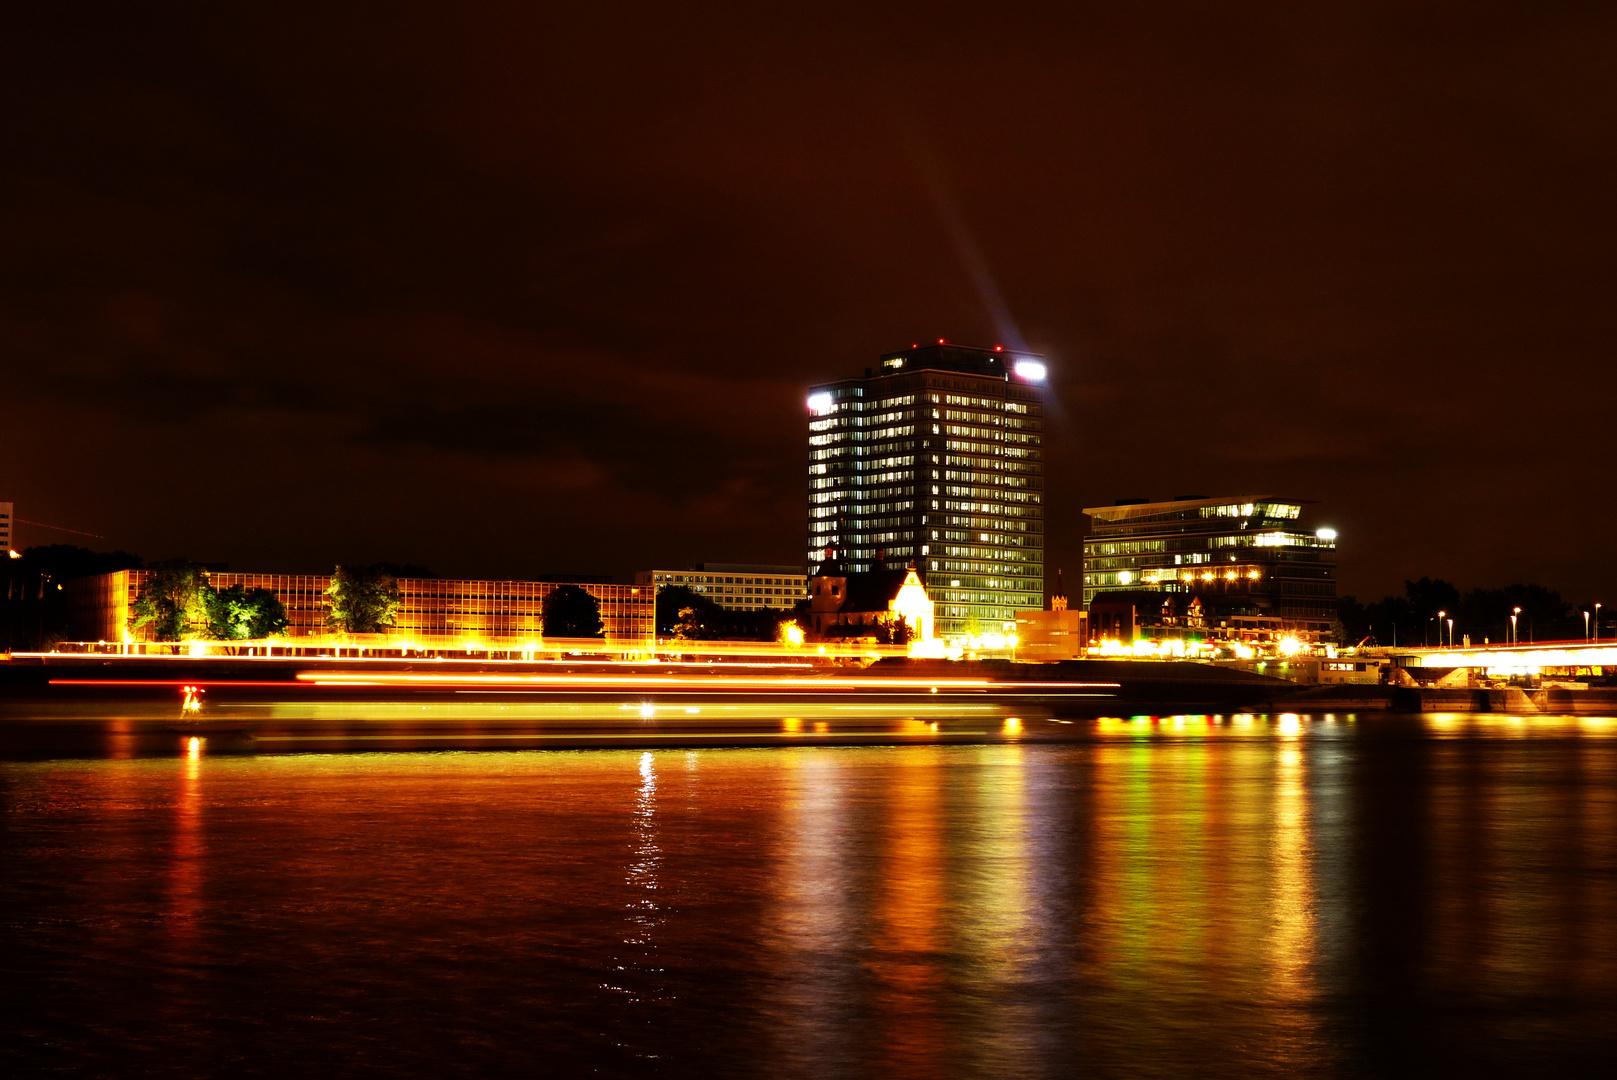 Der Rhein in seiner ganzen Schönheit...